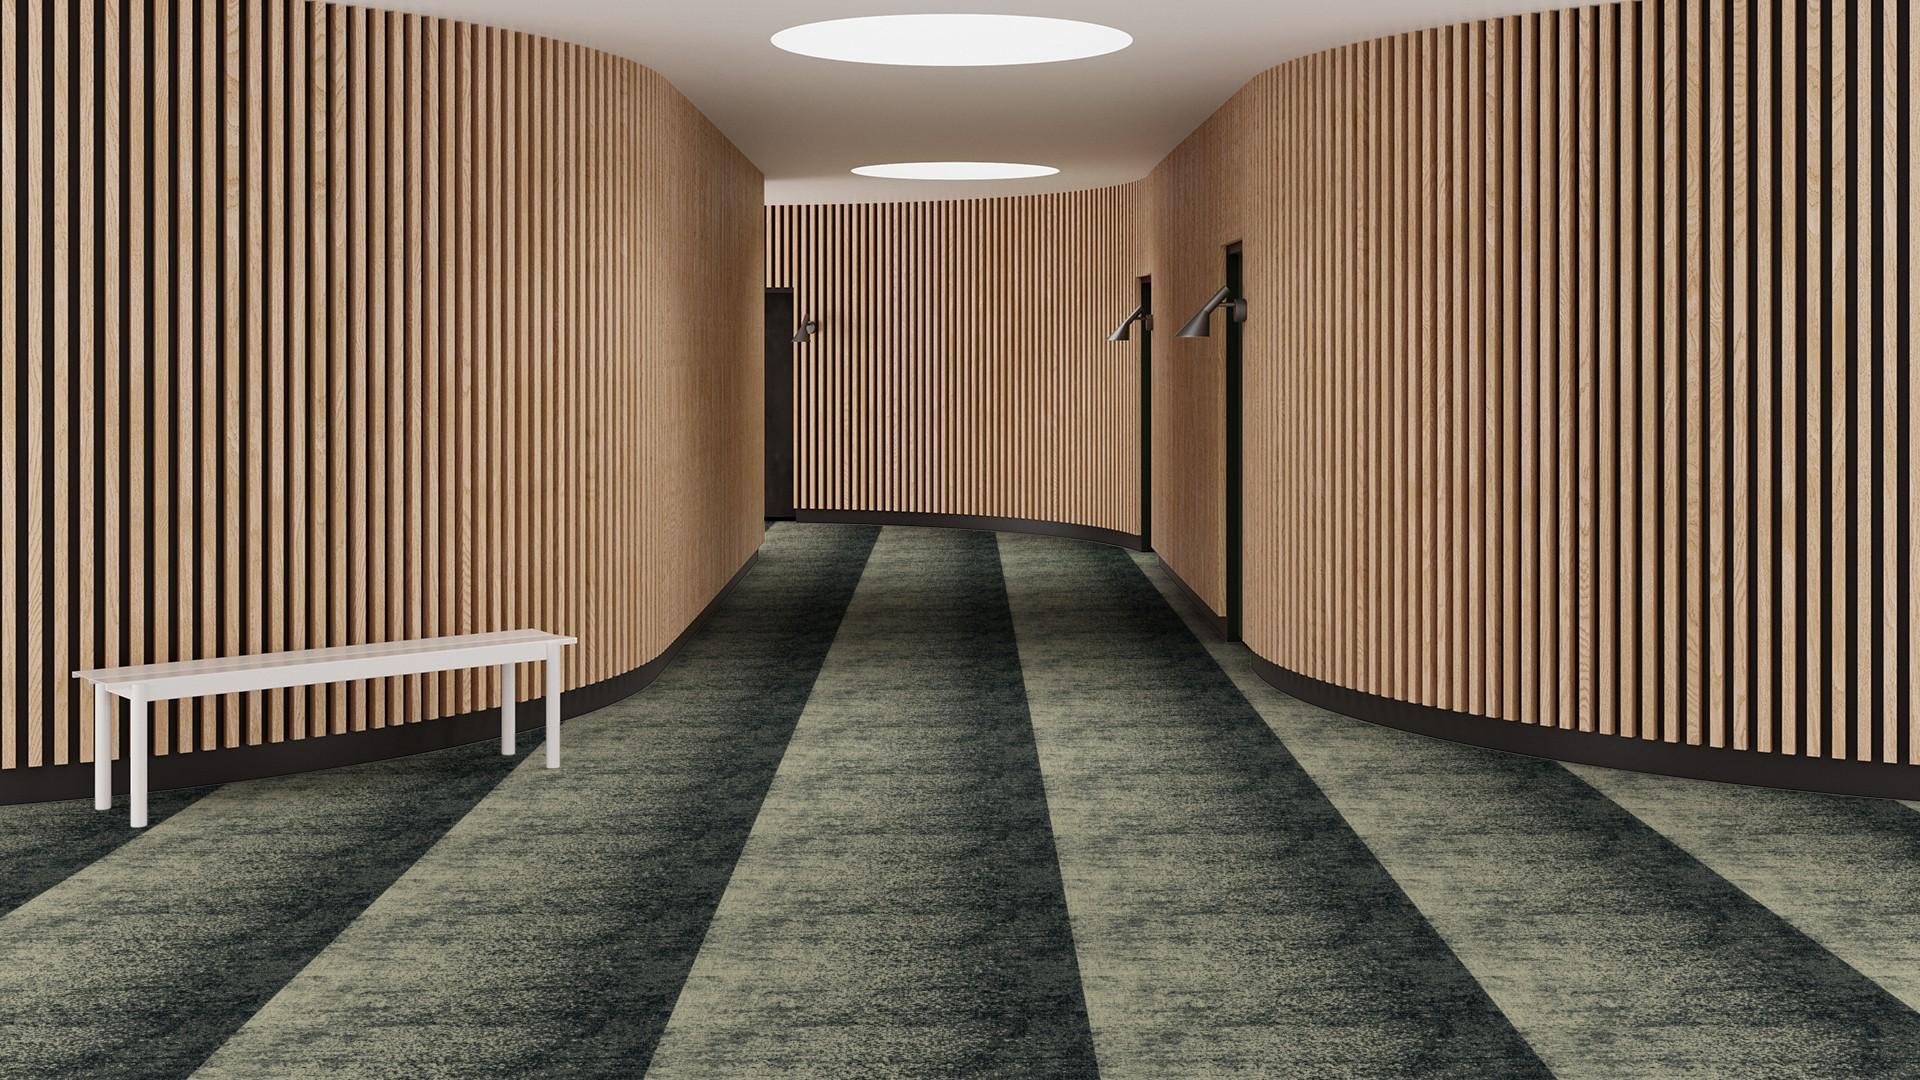 ReForm Construction Concrete Mix light grey/grey 96x96 RoowView 3